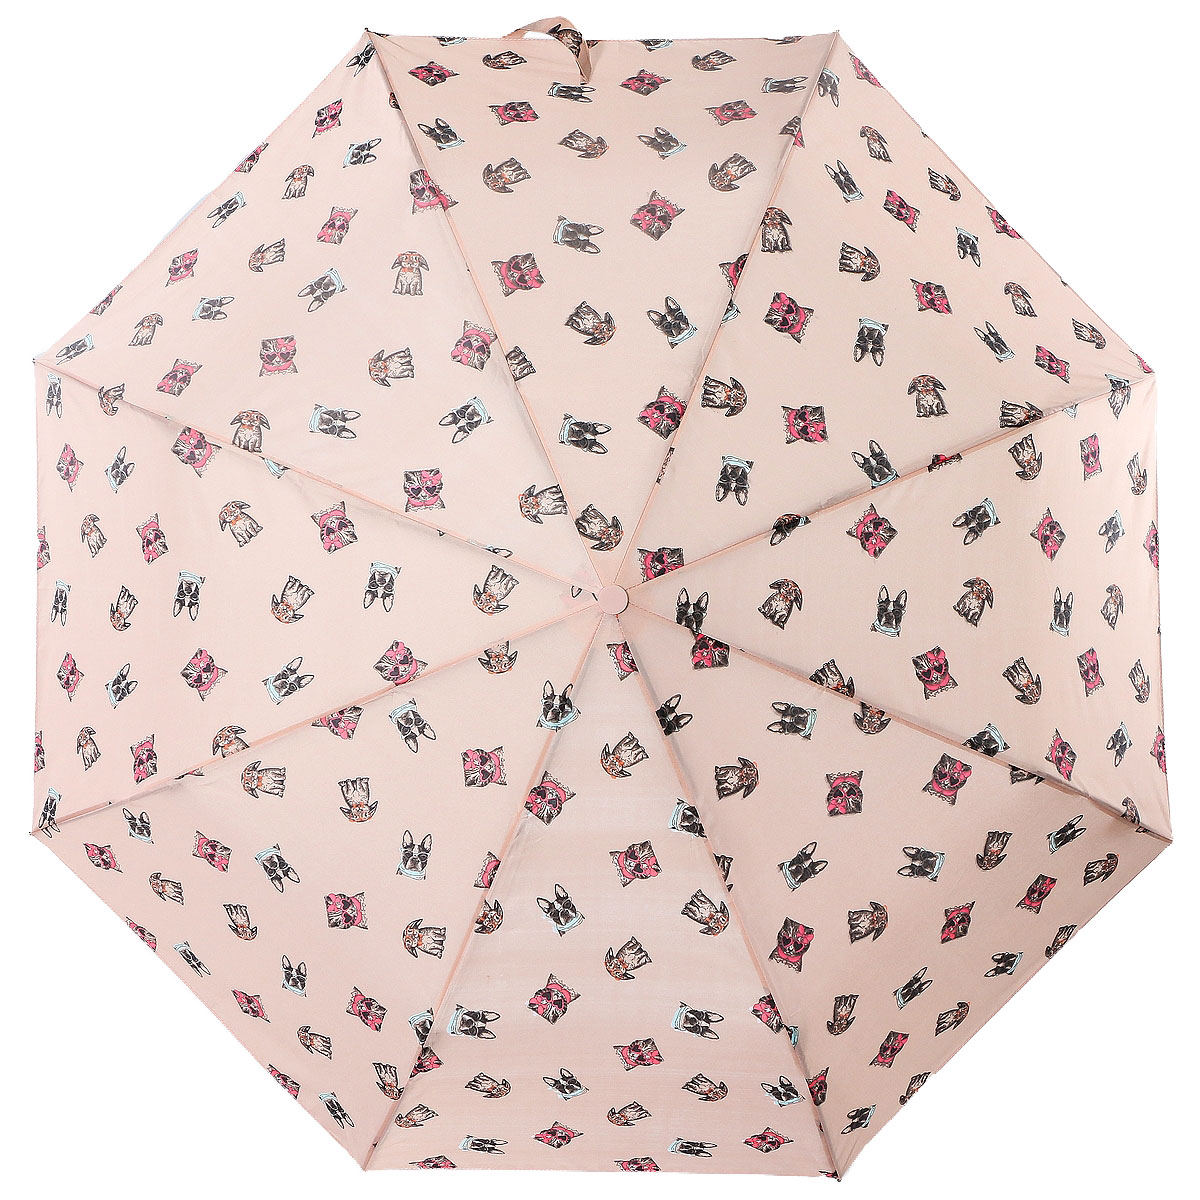 Зонт женский Artrain, цвет: светло-бежевый. 3915-551745100738/18076/4D00NКлассический женский зонт в 3 сложения полный автомат. Удобная ручка выполнена из пластика. Модель зонта выполнена в стандартном размере, оснащена системой Антиветер. Этот стильный аксессуар поместится практически в любую женскую сумочку благодаря своим небольшим размерам.